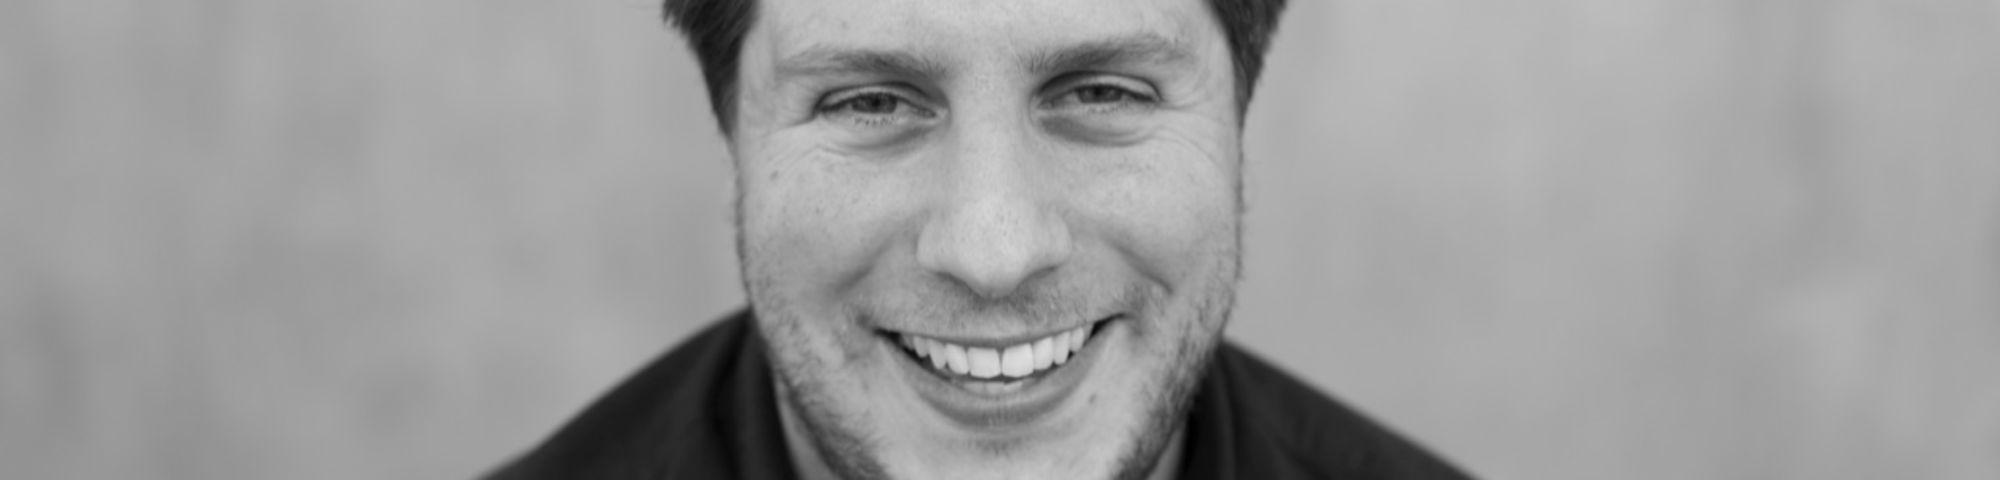 Ben_Stopher_portrait_FINAL